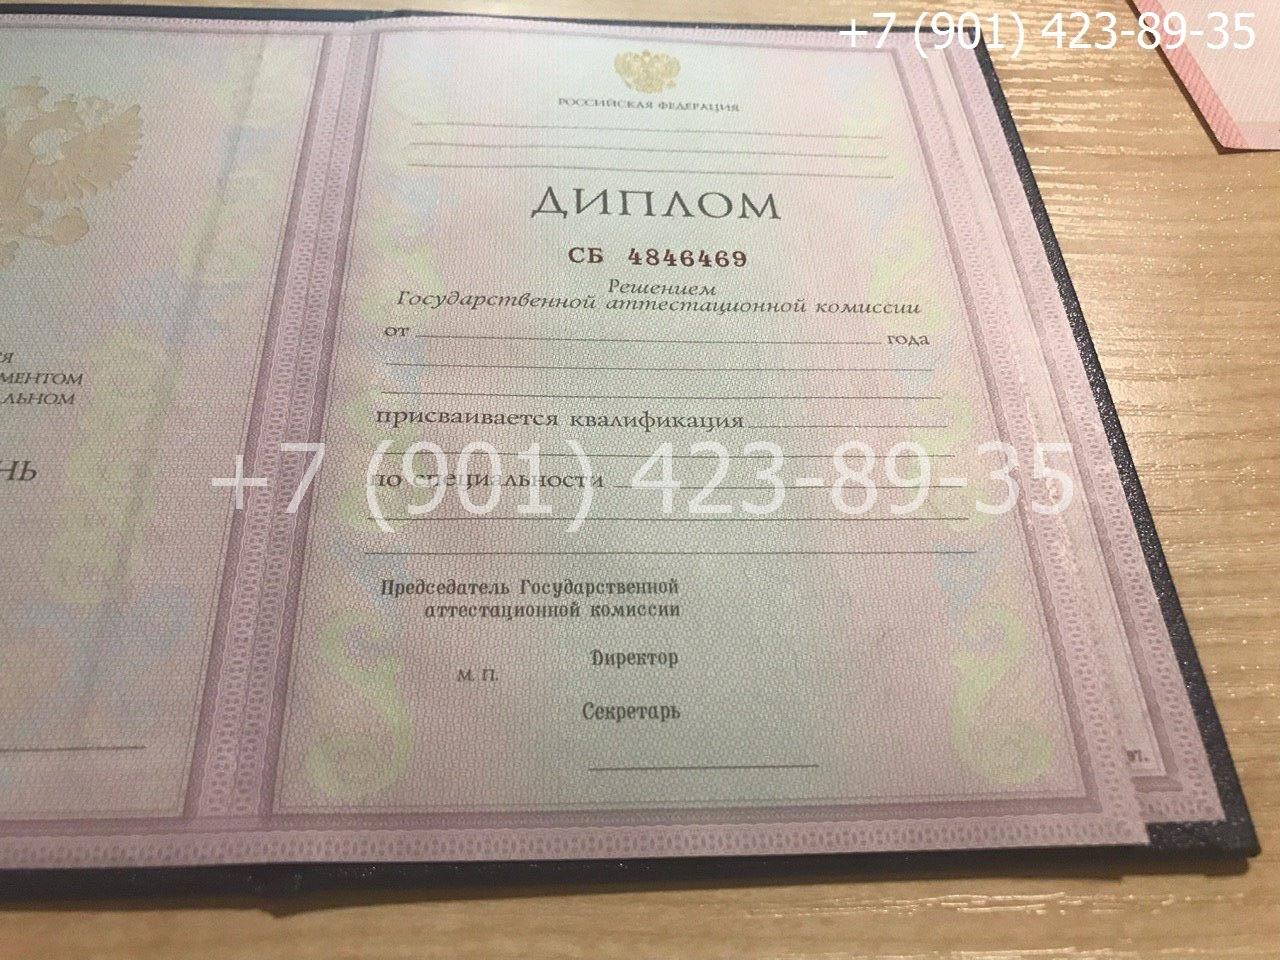 Диплом колледжа 1997-2003 годов, старого образца, титульный лист